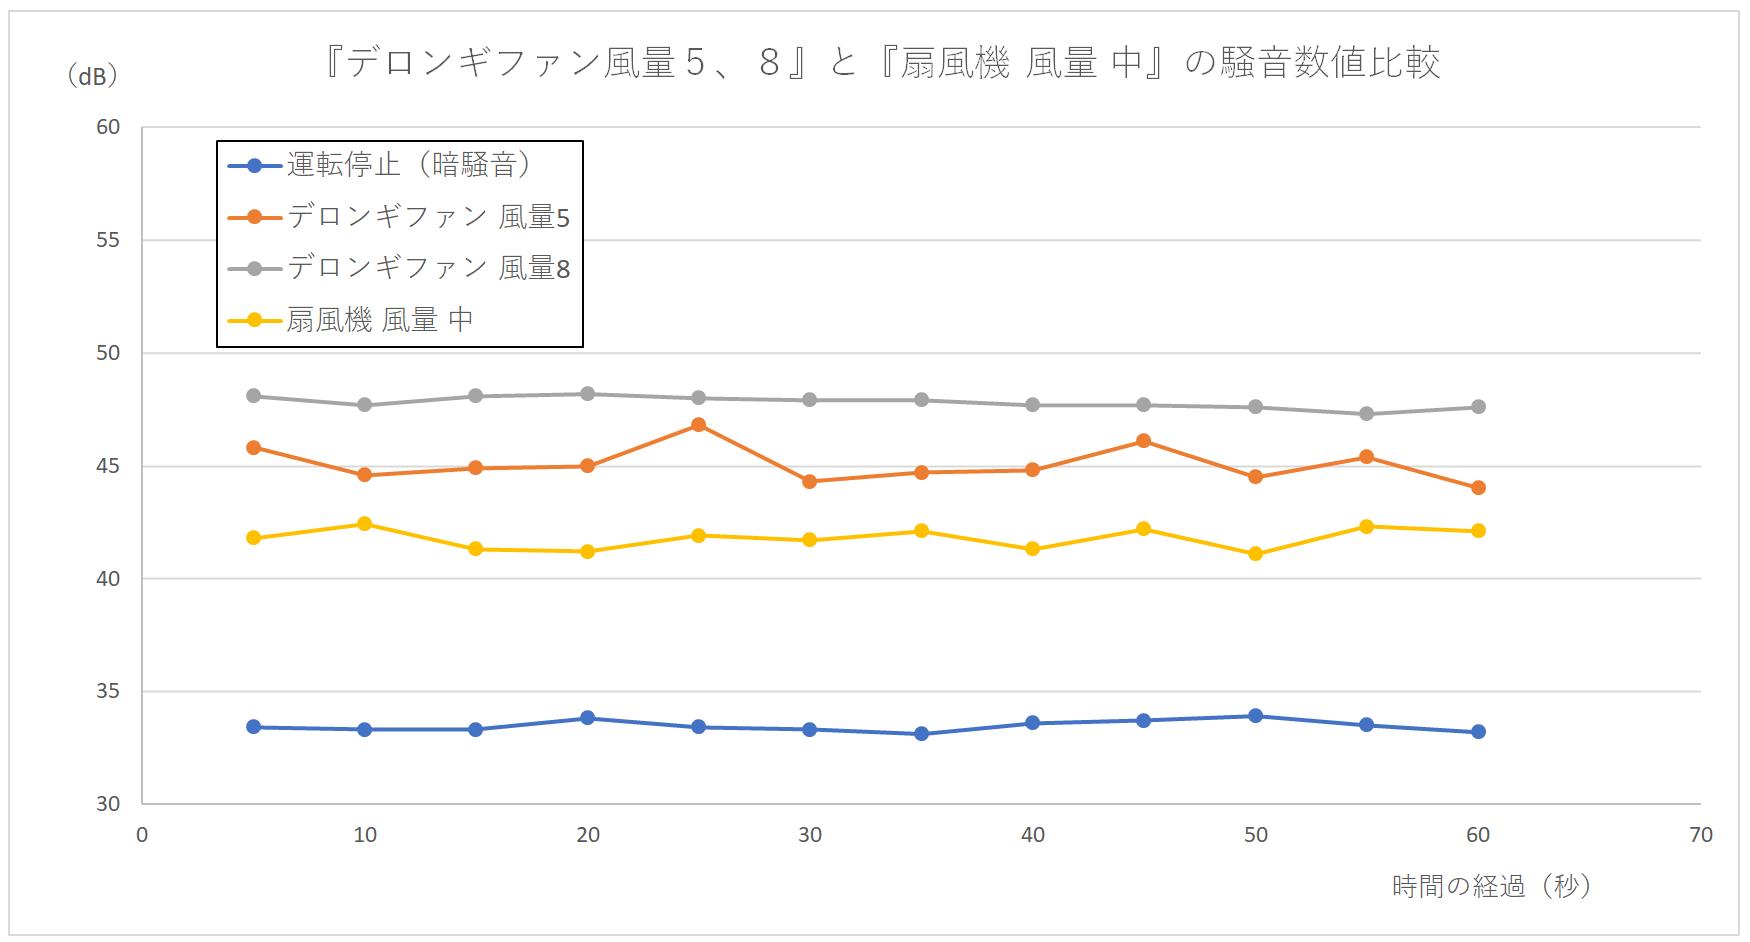 『デロンギファン 風量5,8』と『扇風機 中』の騒音数値の比較グラフ